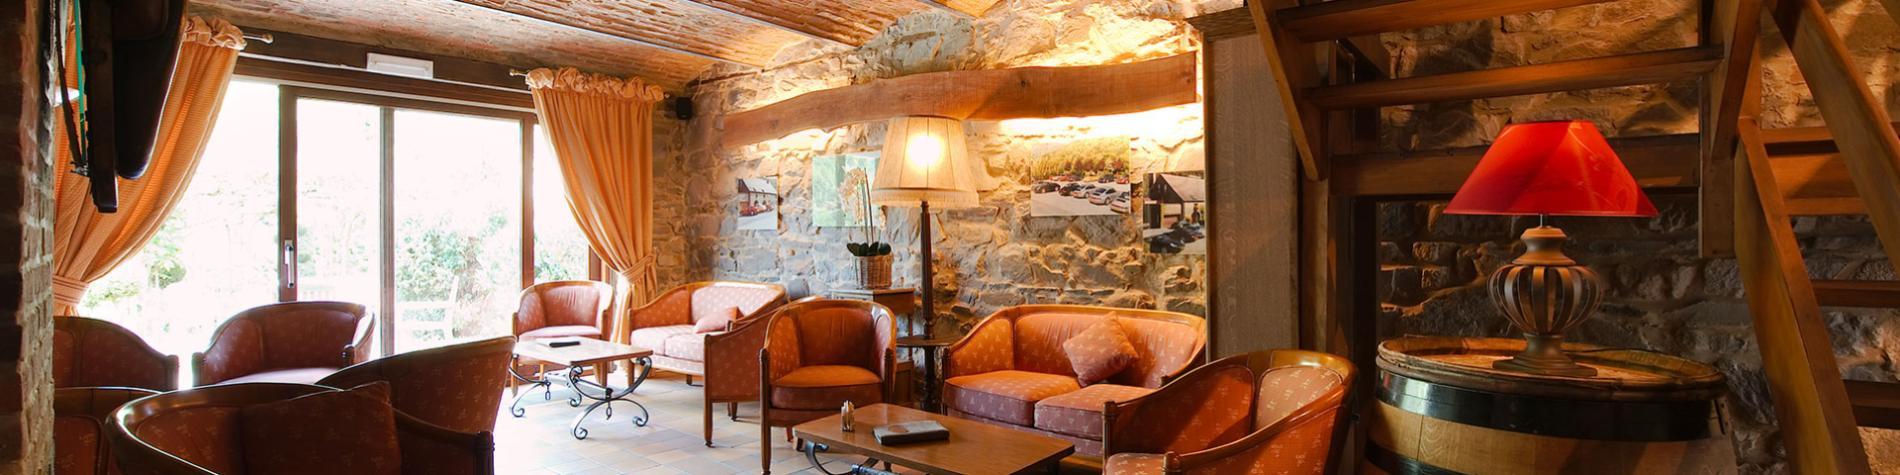 Hôtel - Relais - l'Ourthe